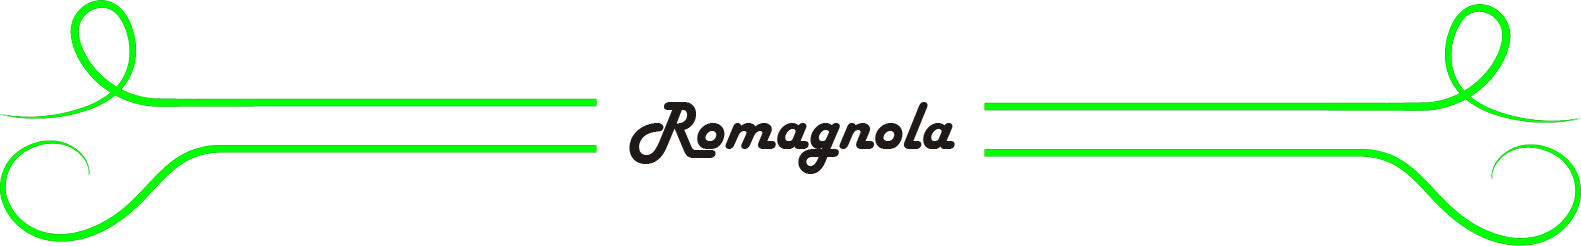 Romagnola